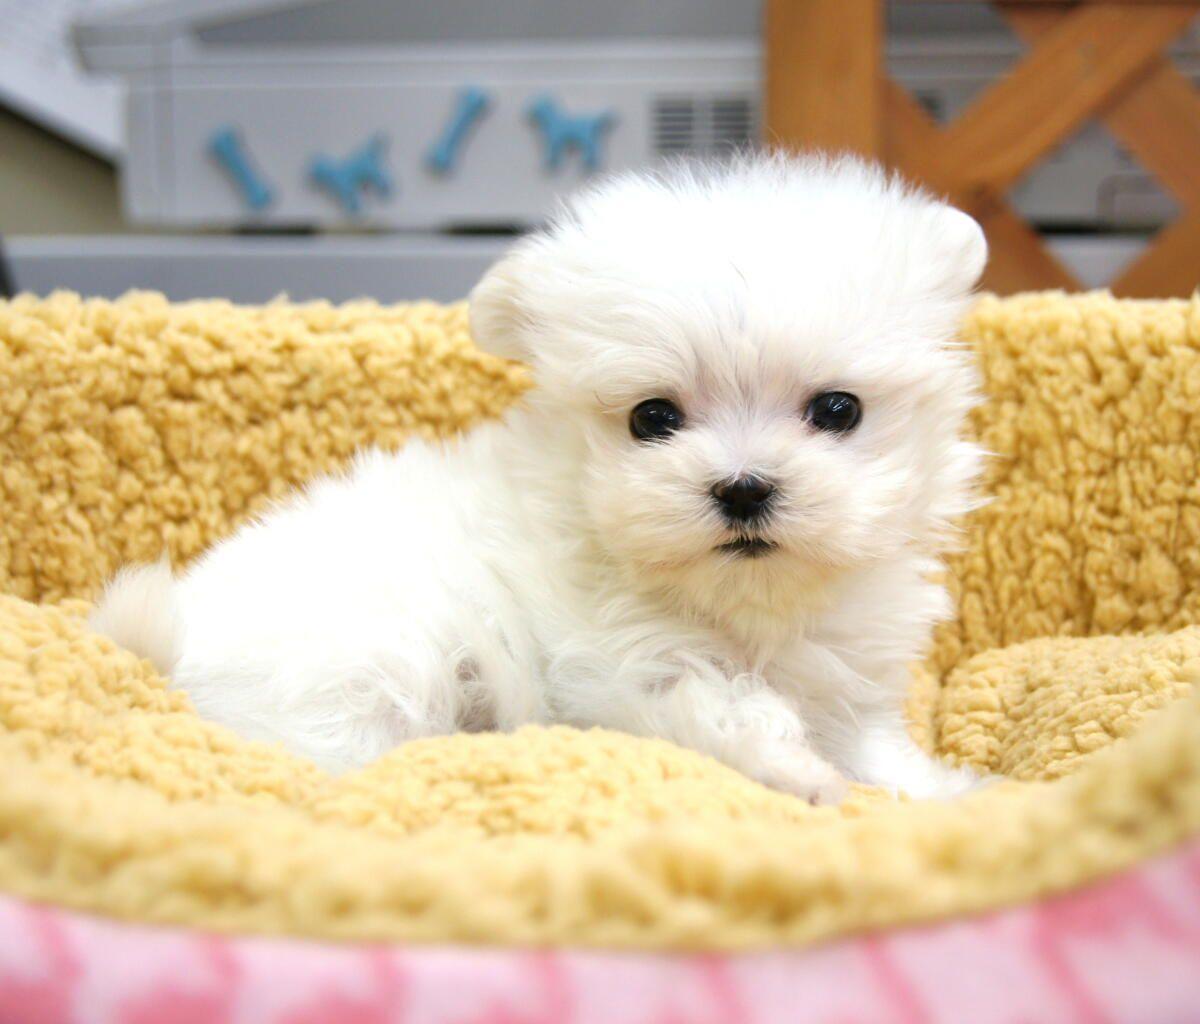 人気犬種マルチーズ 寿命と長生きさせる秘訣とは Peco ペコ 可愛い犬 かわいいペット 可愛いワンちゃん